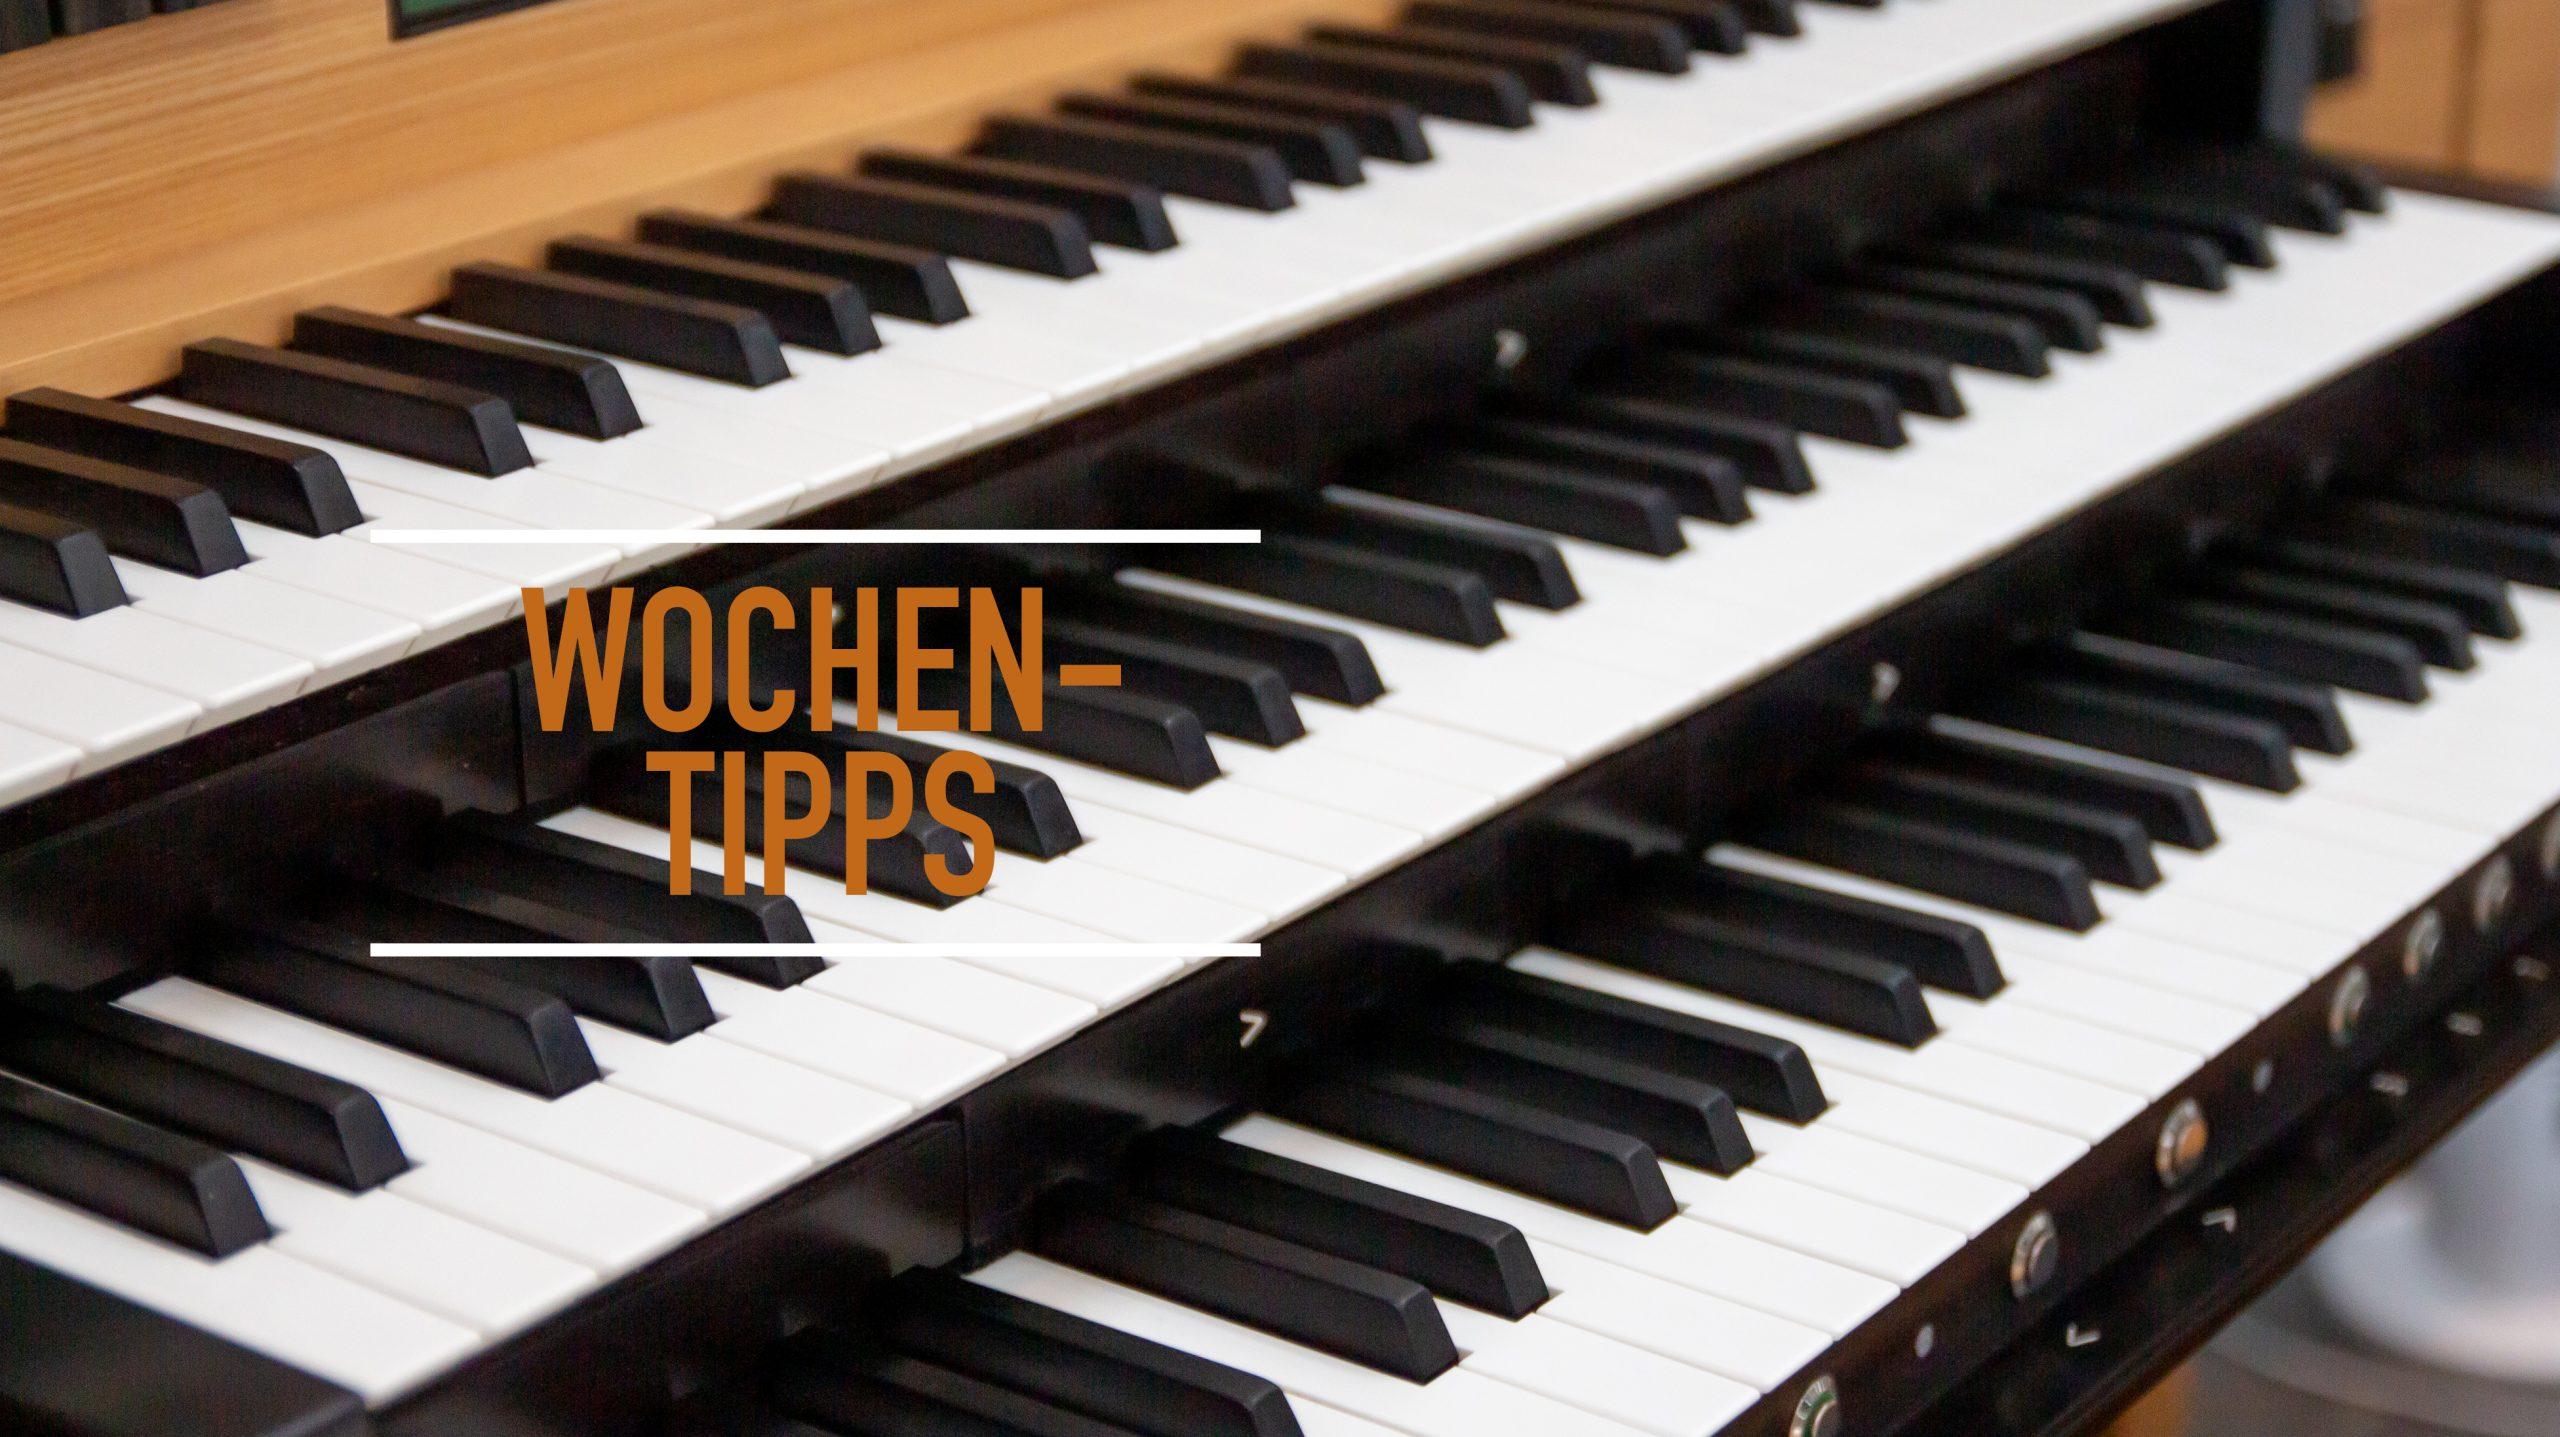 Wochentipps in Köln und Region mit Musiktheater, Kammerkonzert und Orgelvesper